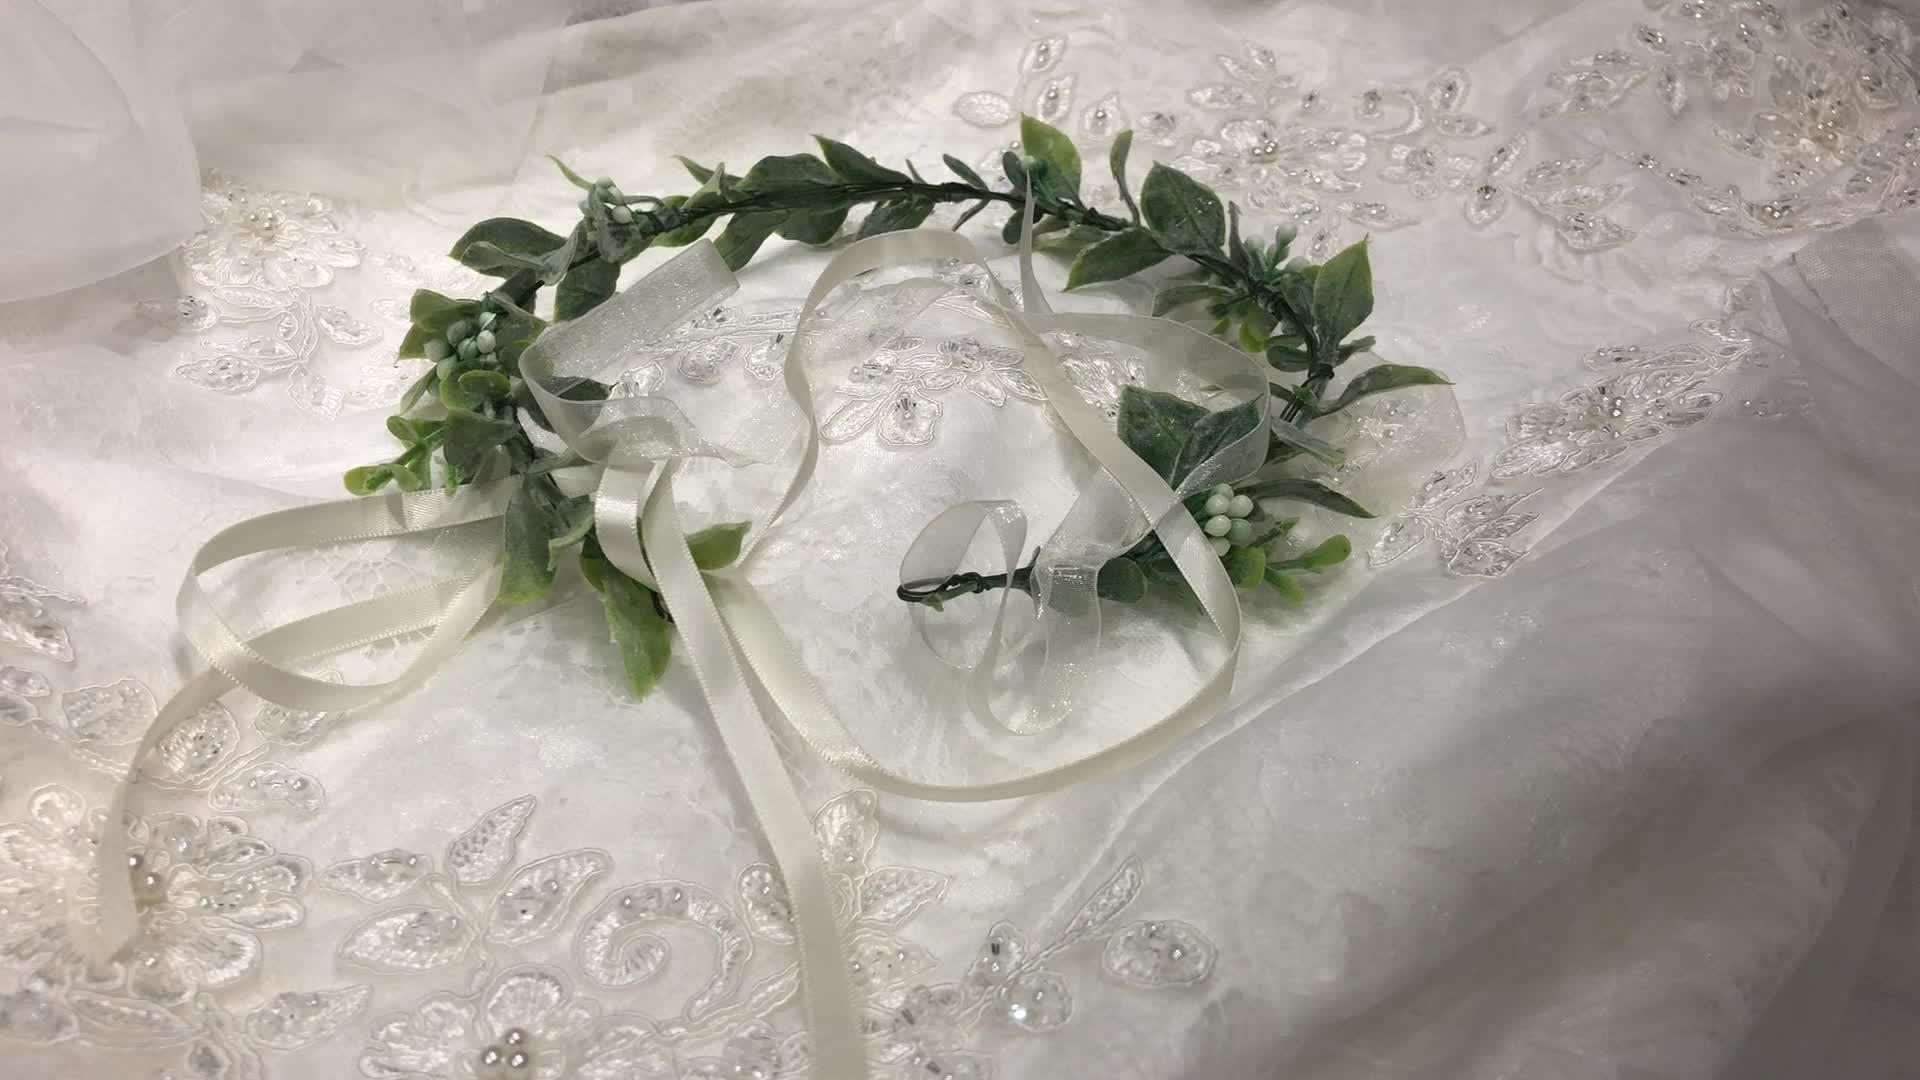 HW0316 शादी दुल्हन पुष्प हेडबैंड महिलाओं फूल बाल सामान लड़कियों फूल समायोज्य बाल बैंड